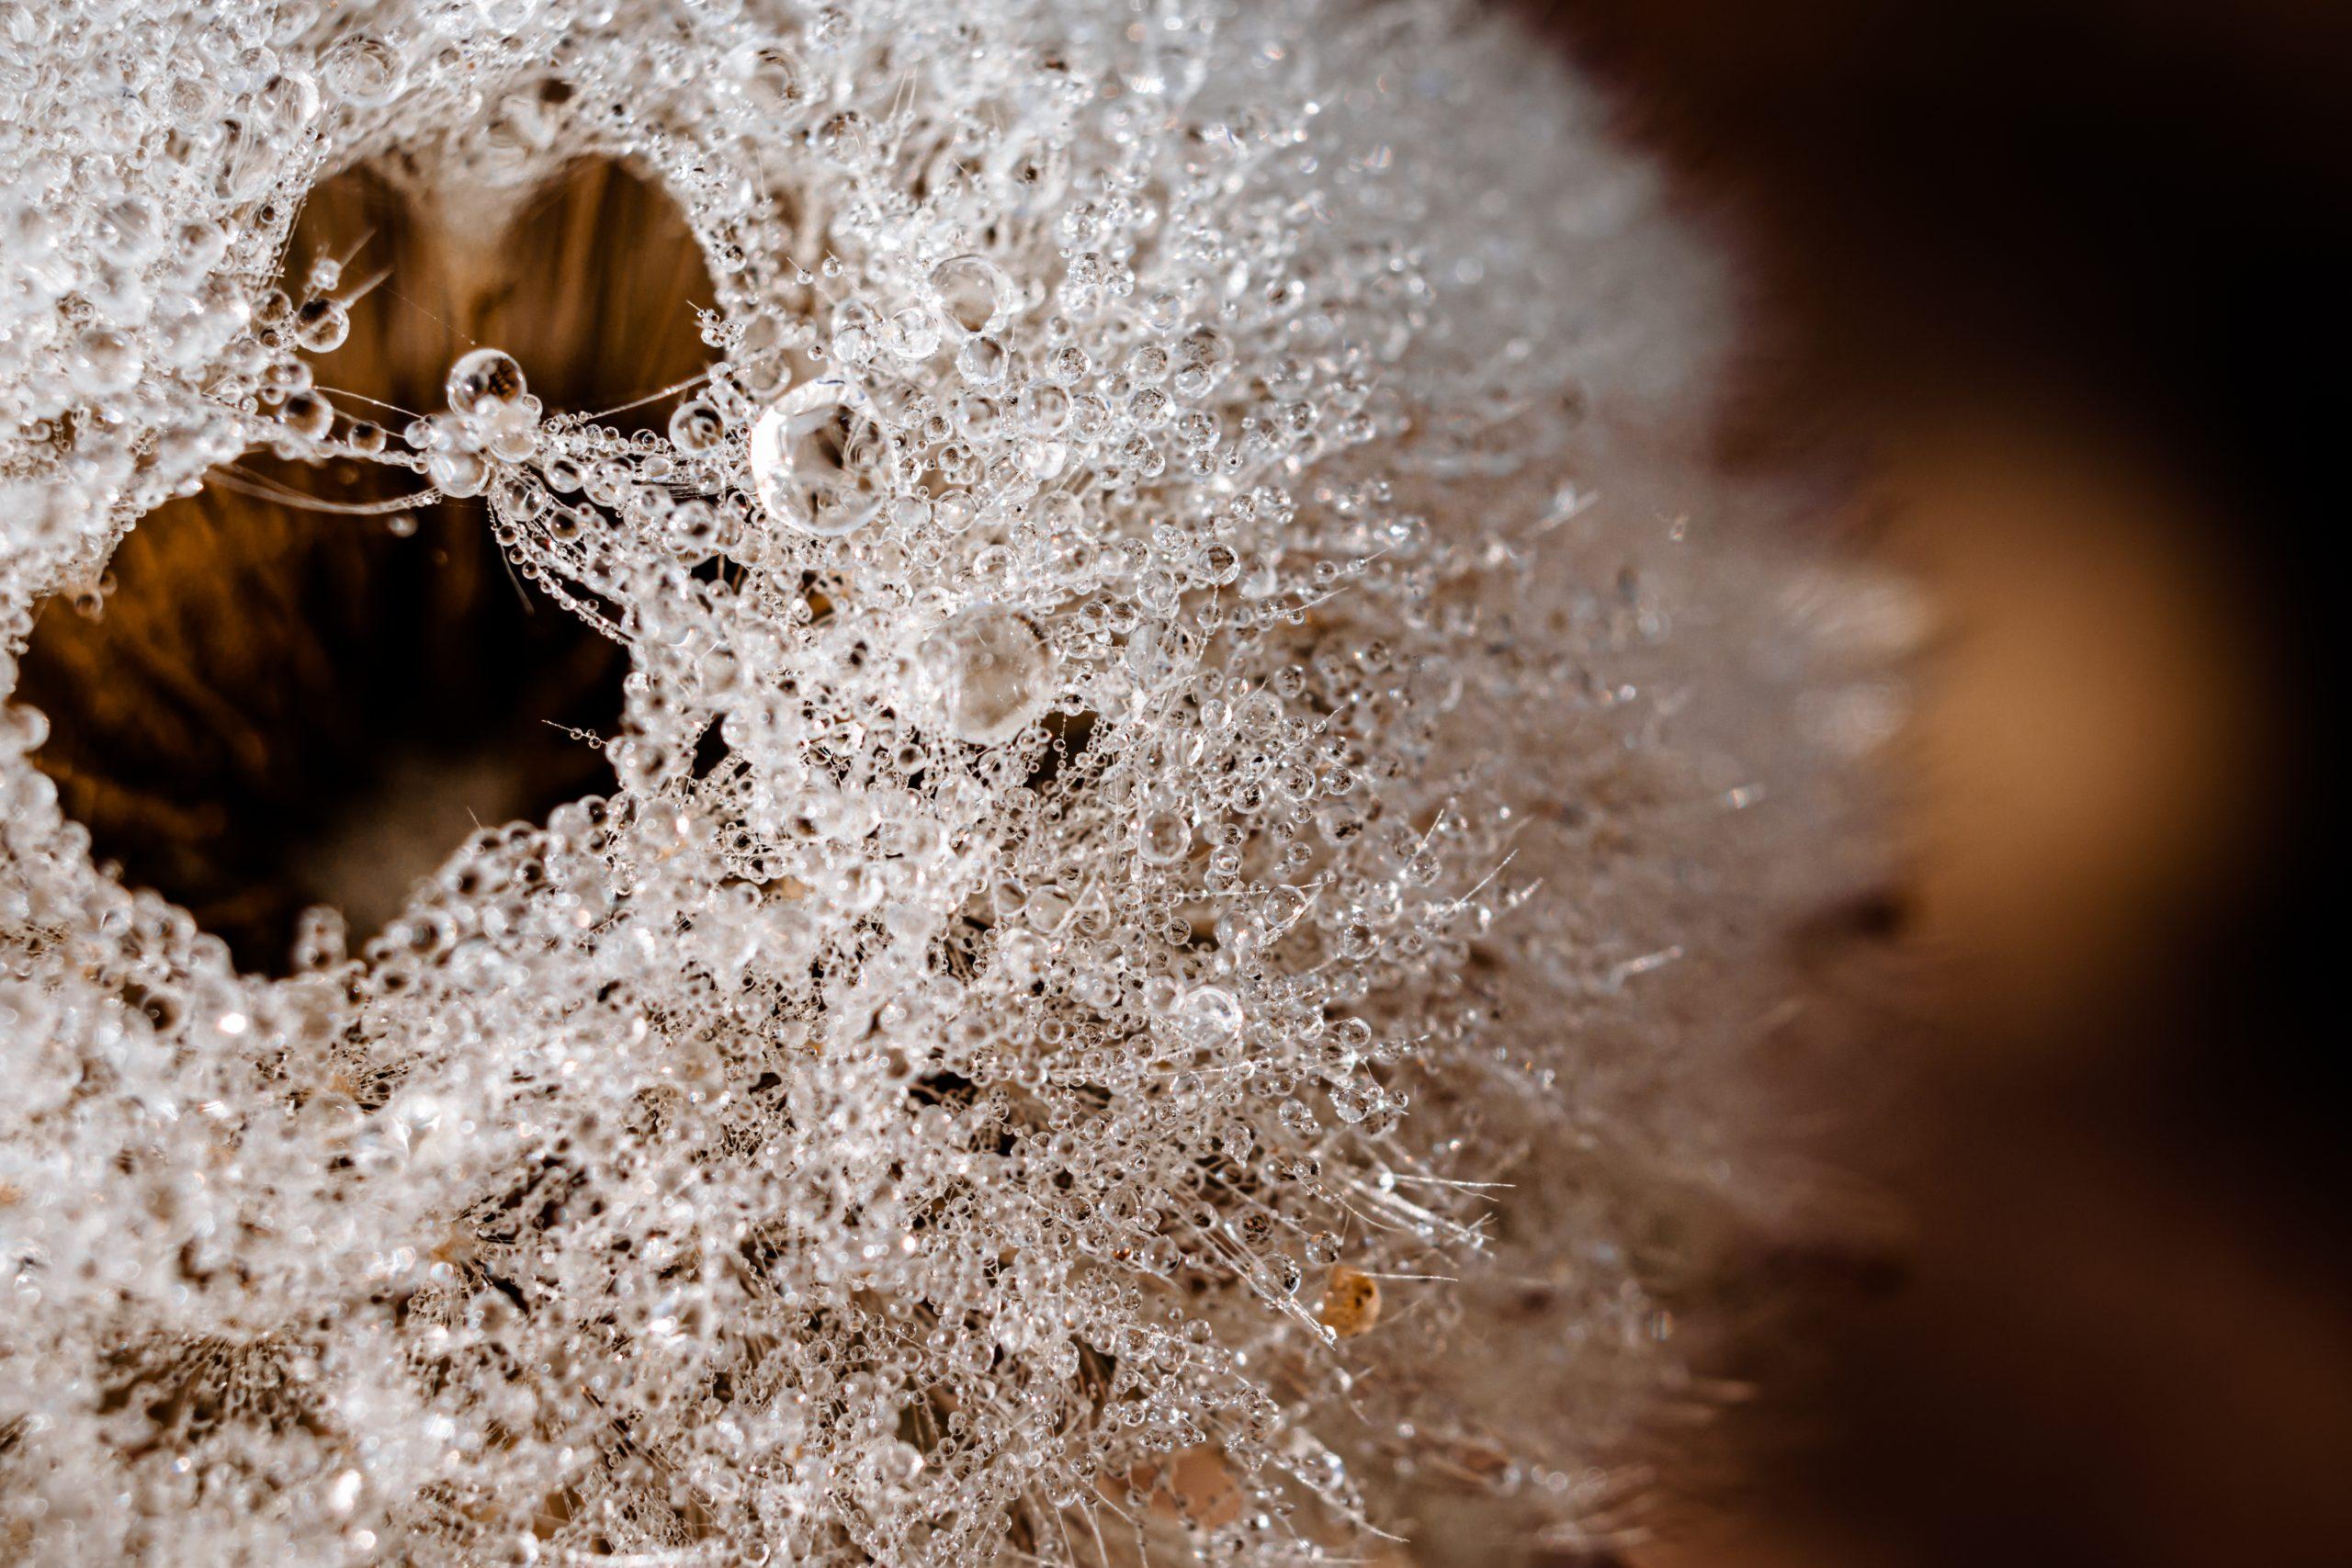 Sparkle dew drops